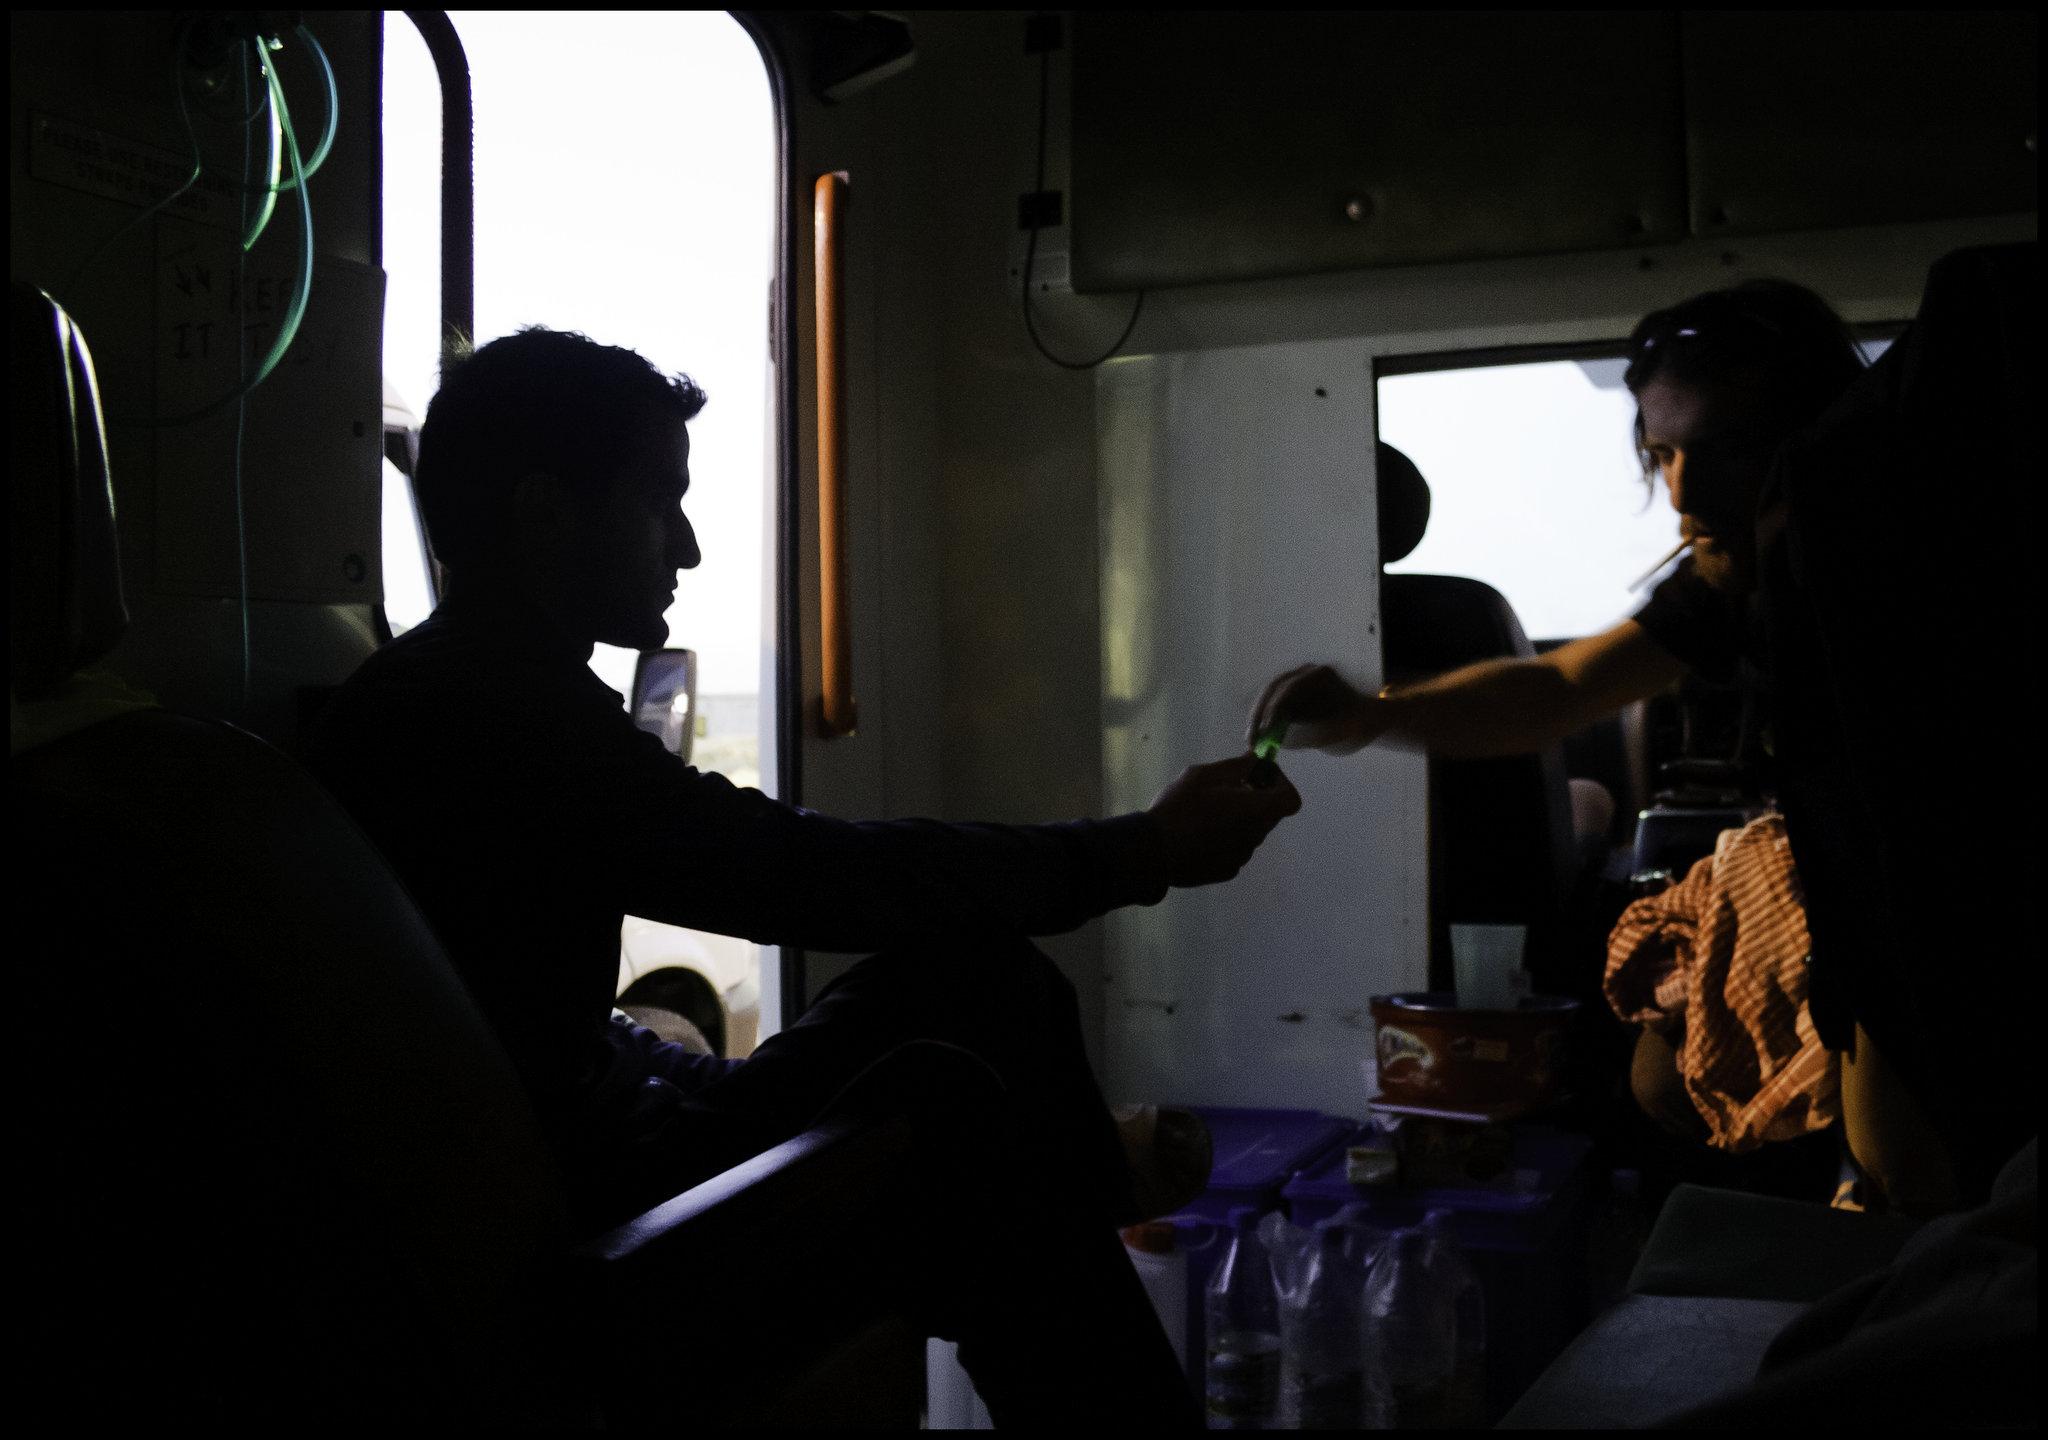 Ambulance hangout